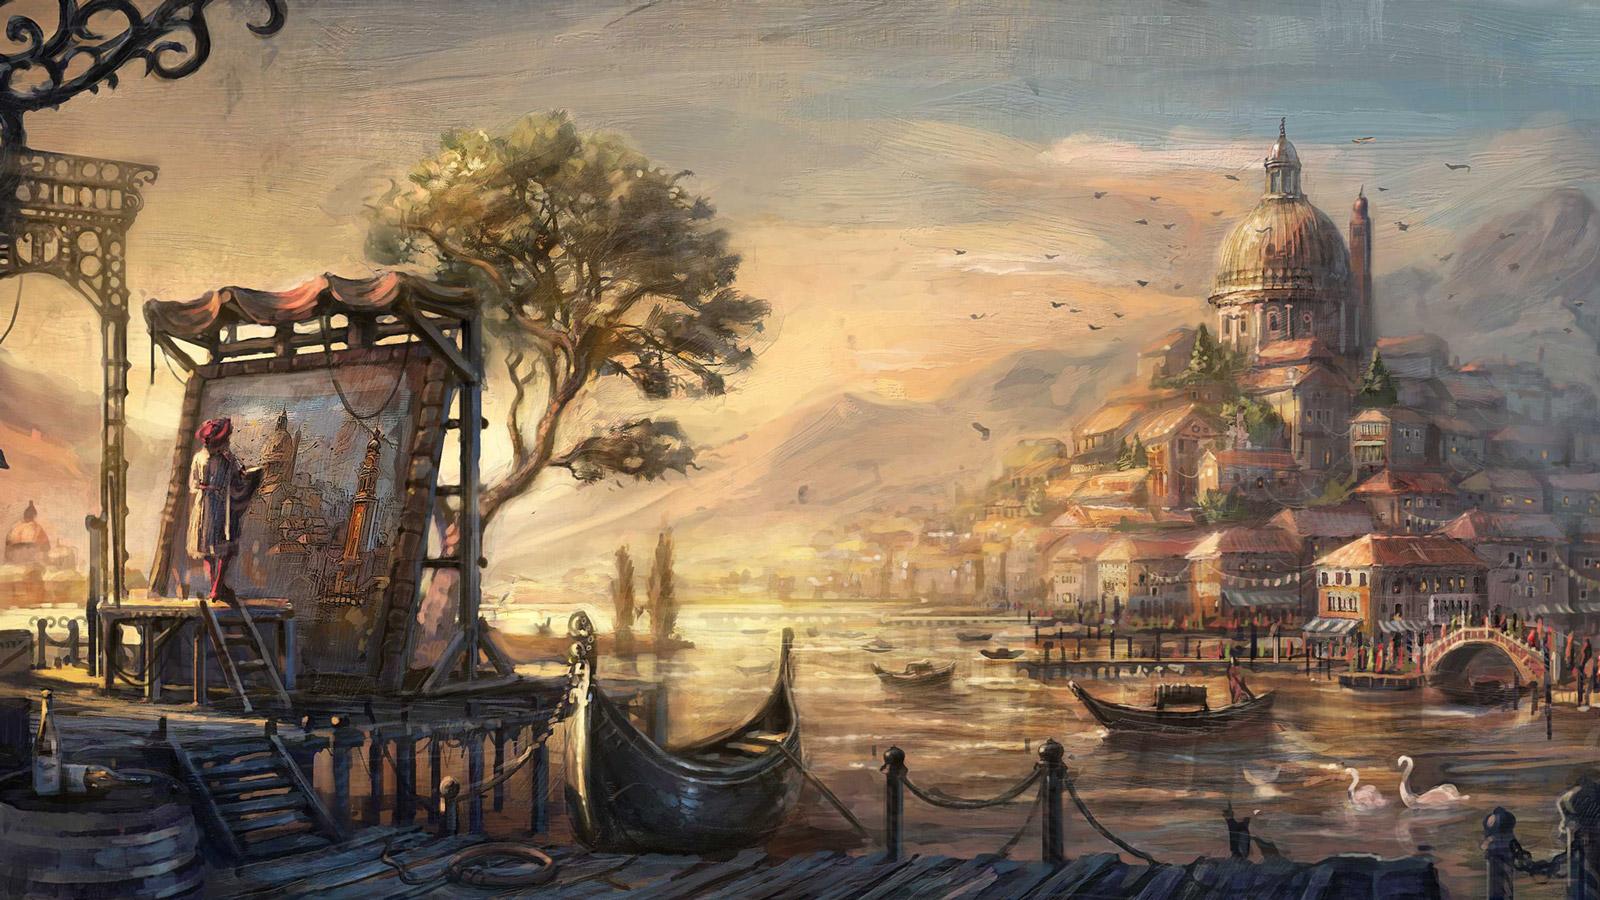 Free Anno 1404 Wallpaper in 1600x900